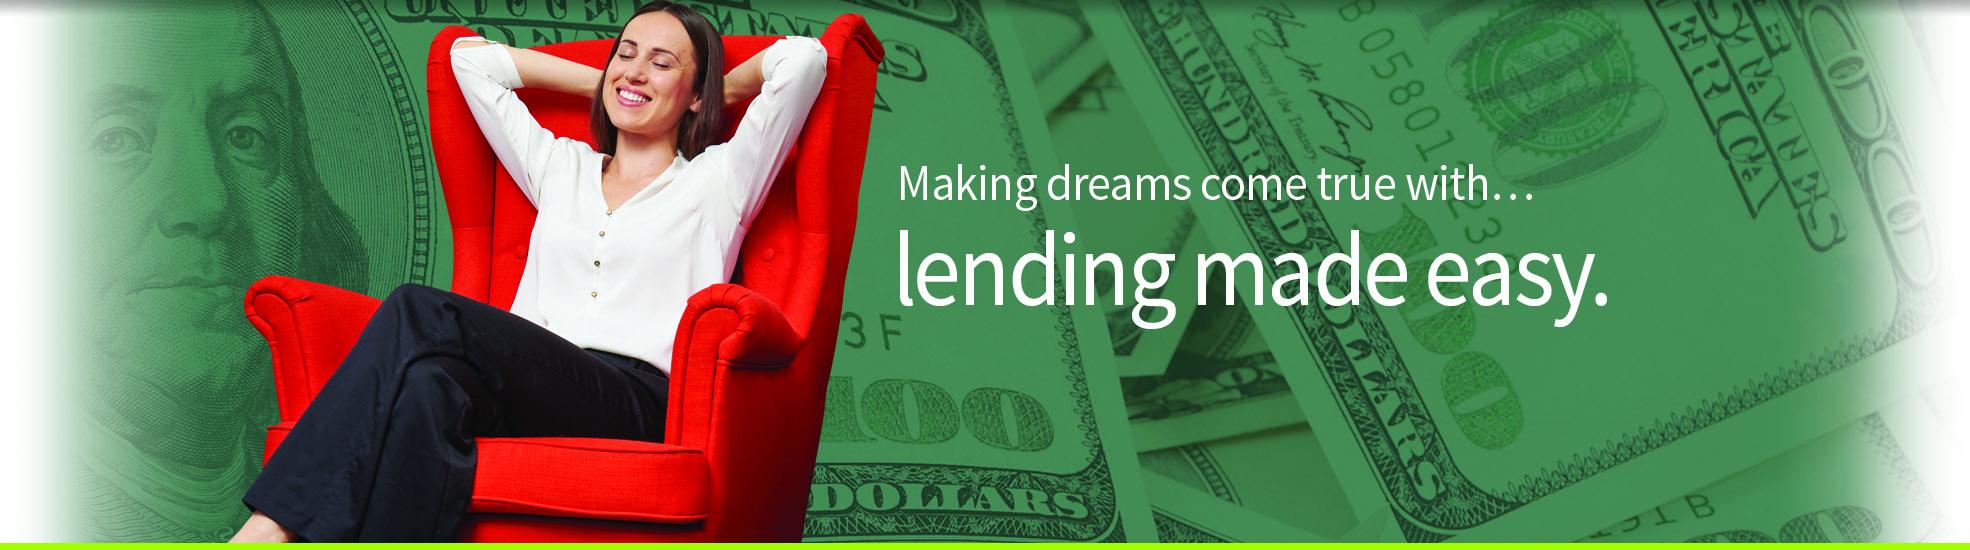 Lending Made Easy